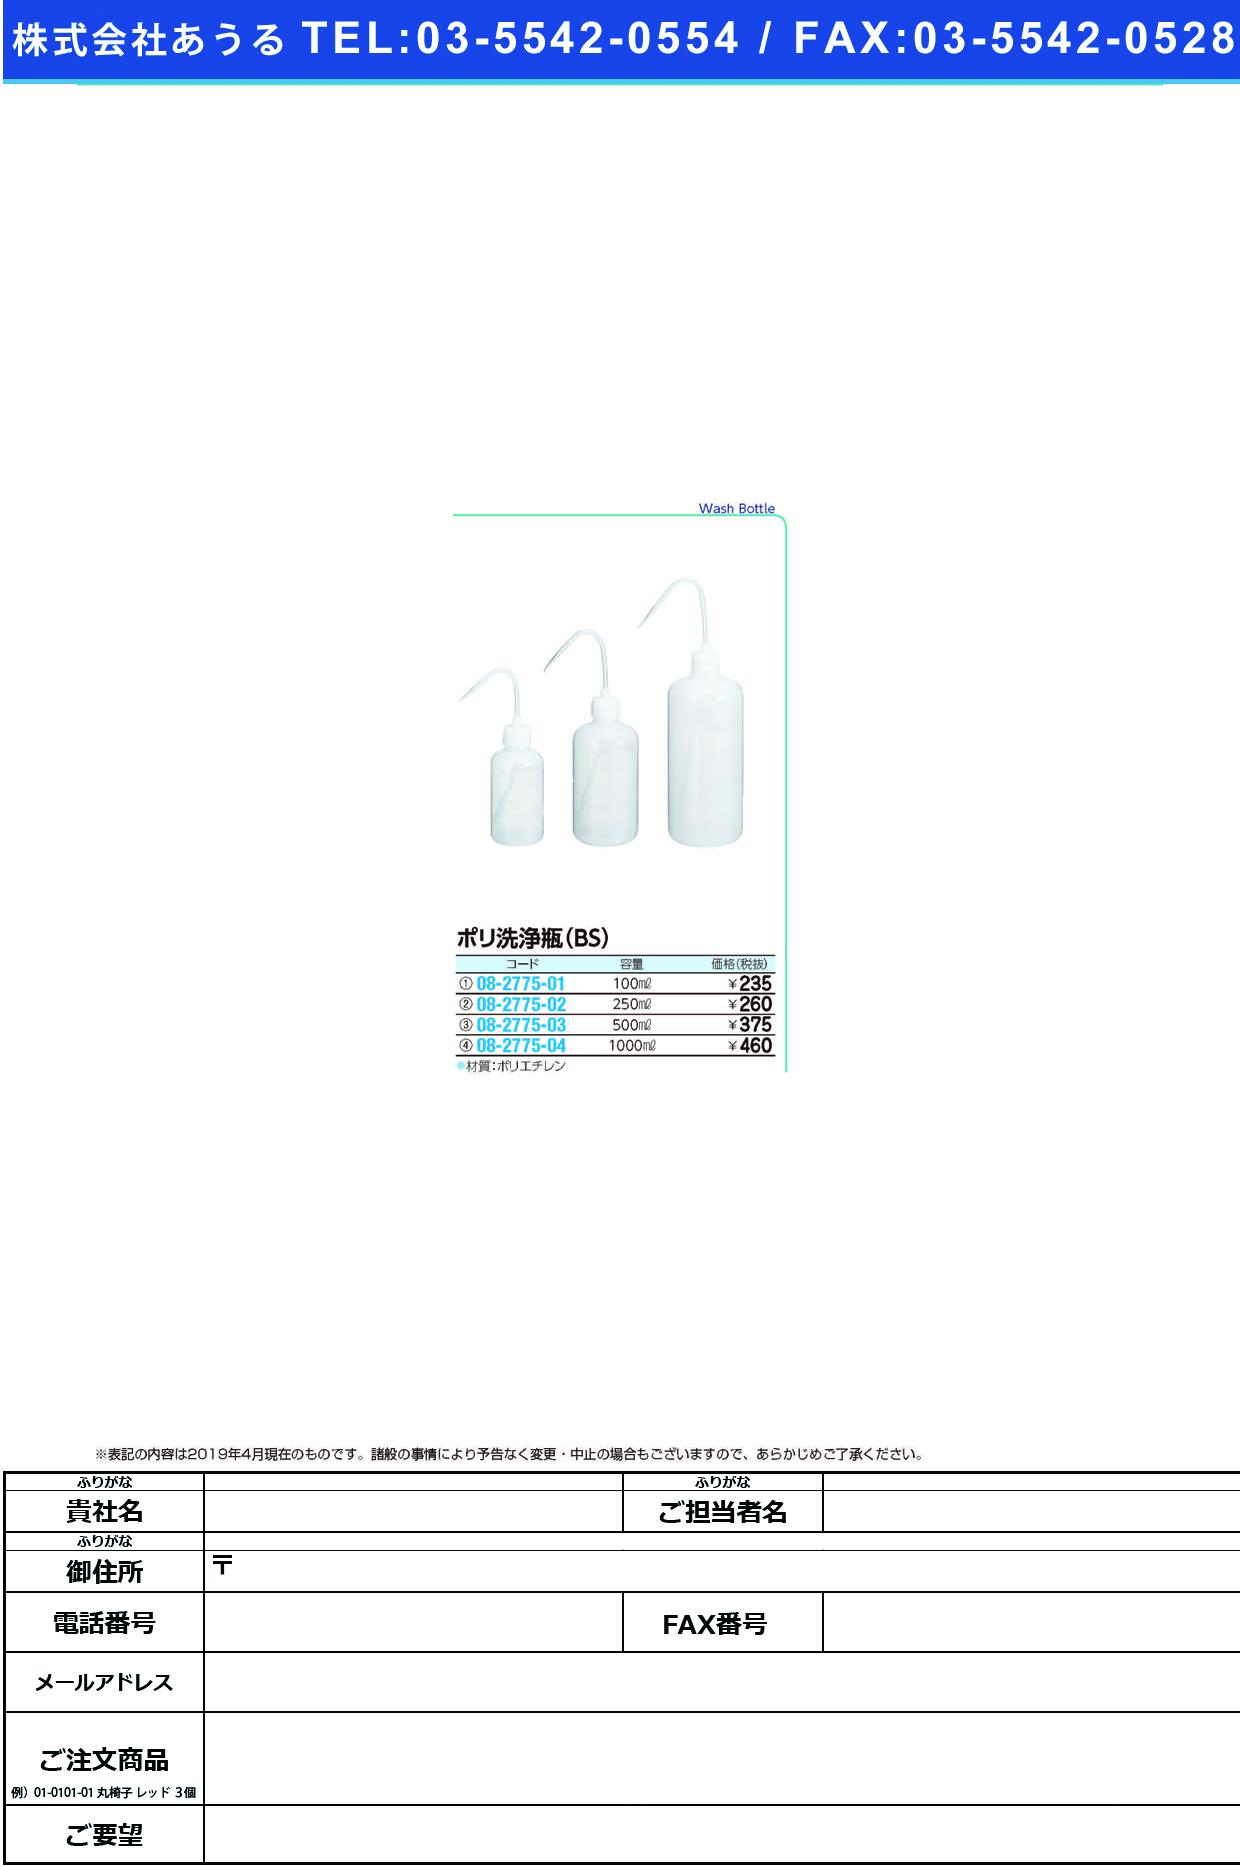 (08-2775-03)ポリ洗浄瓶(BS) 500CC ポリセンジヨウビン(BS)【1本単位】【2019年カタログ商品】